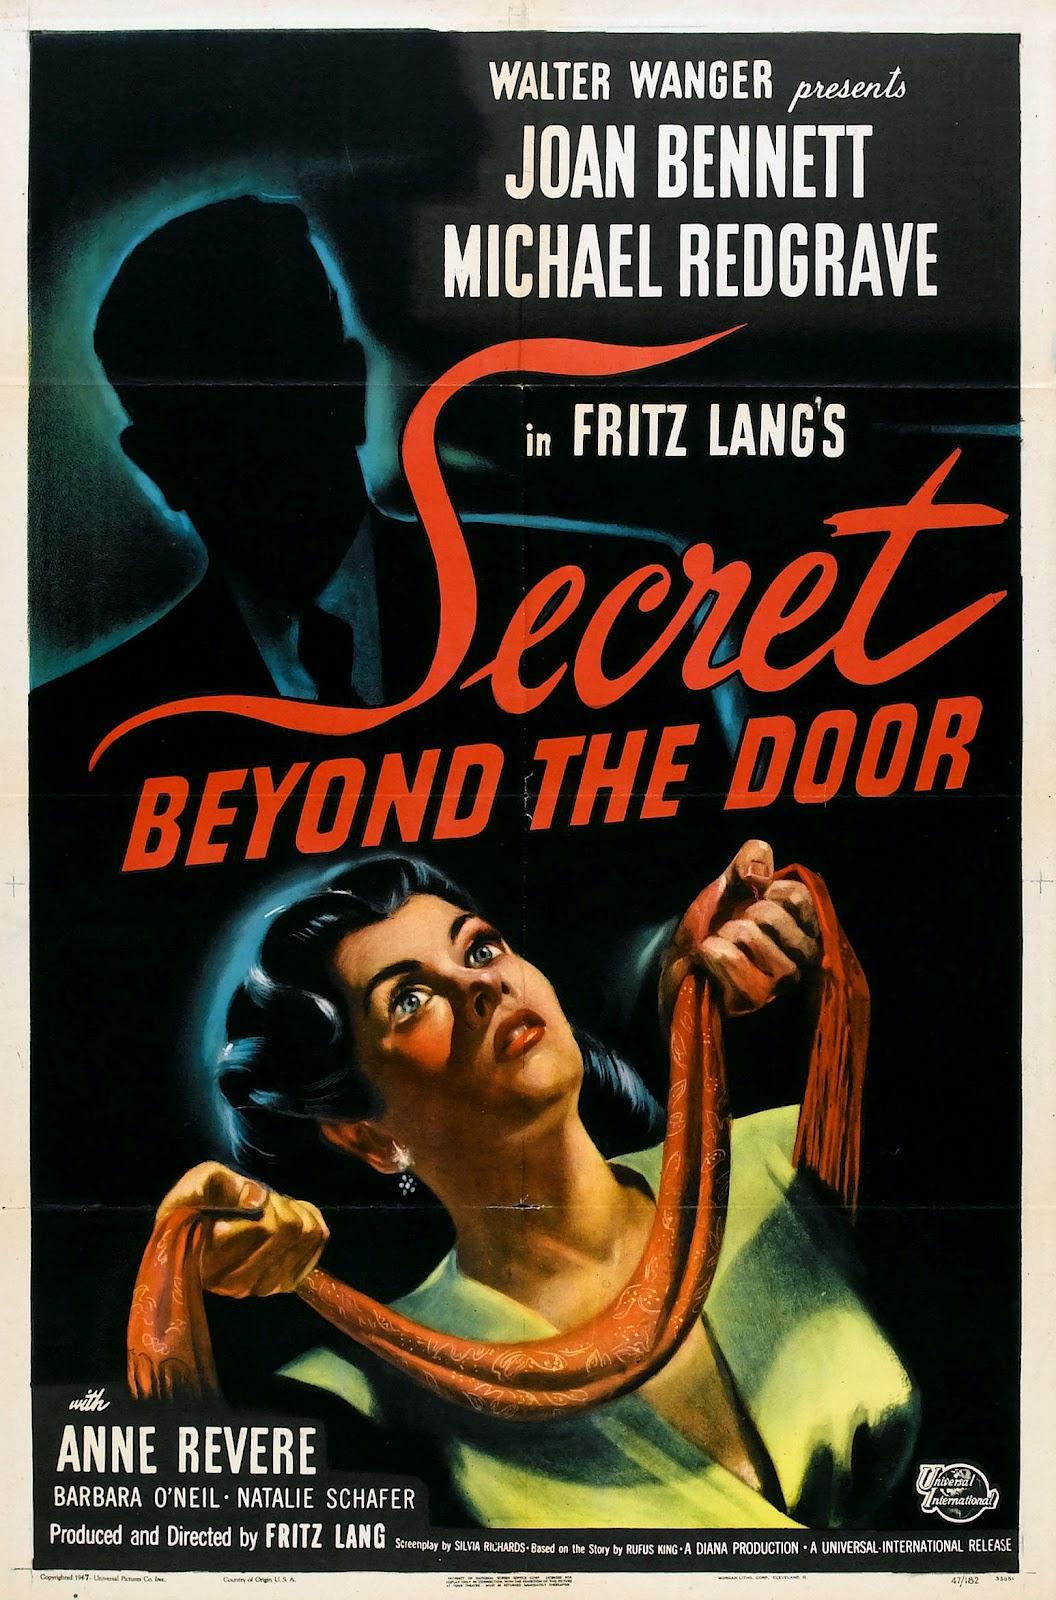 http://1.bp.blogspot.com/-AlodYD_hOKk/UCg57aJEiHI/AAAAAAAAGIY/iv-9ZPyxs9E/s1600/secret+beyond+the+door+poster.jpg